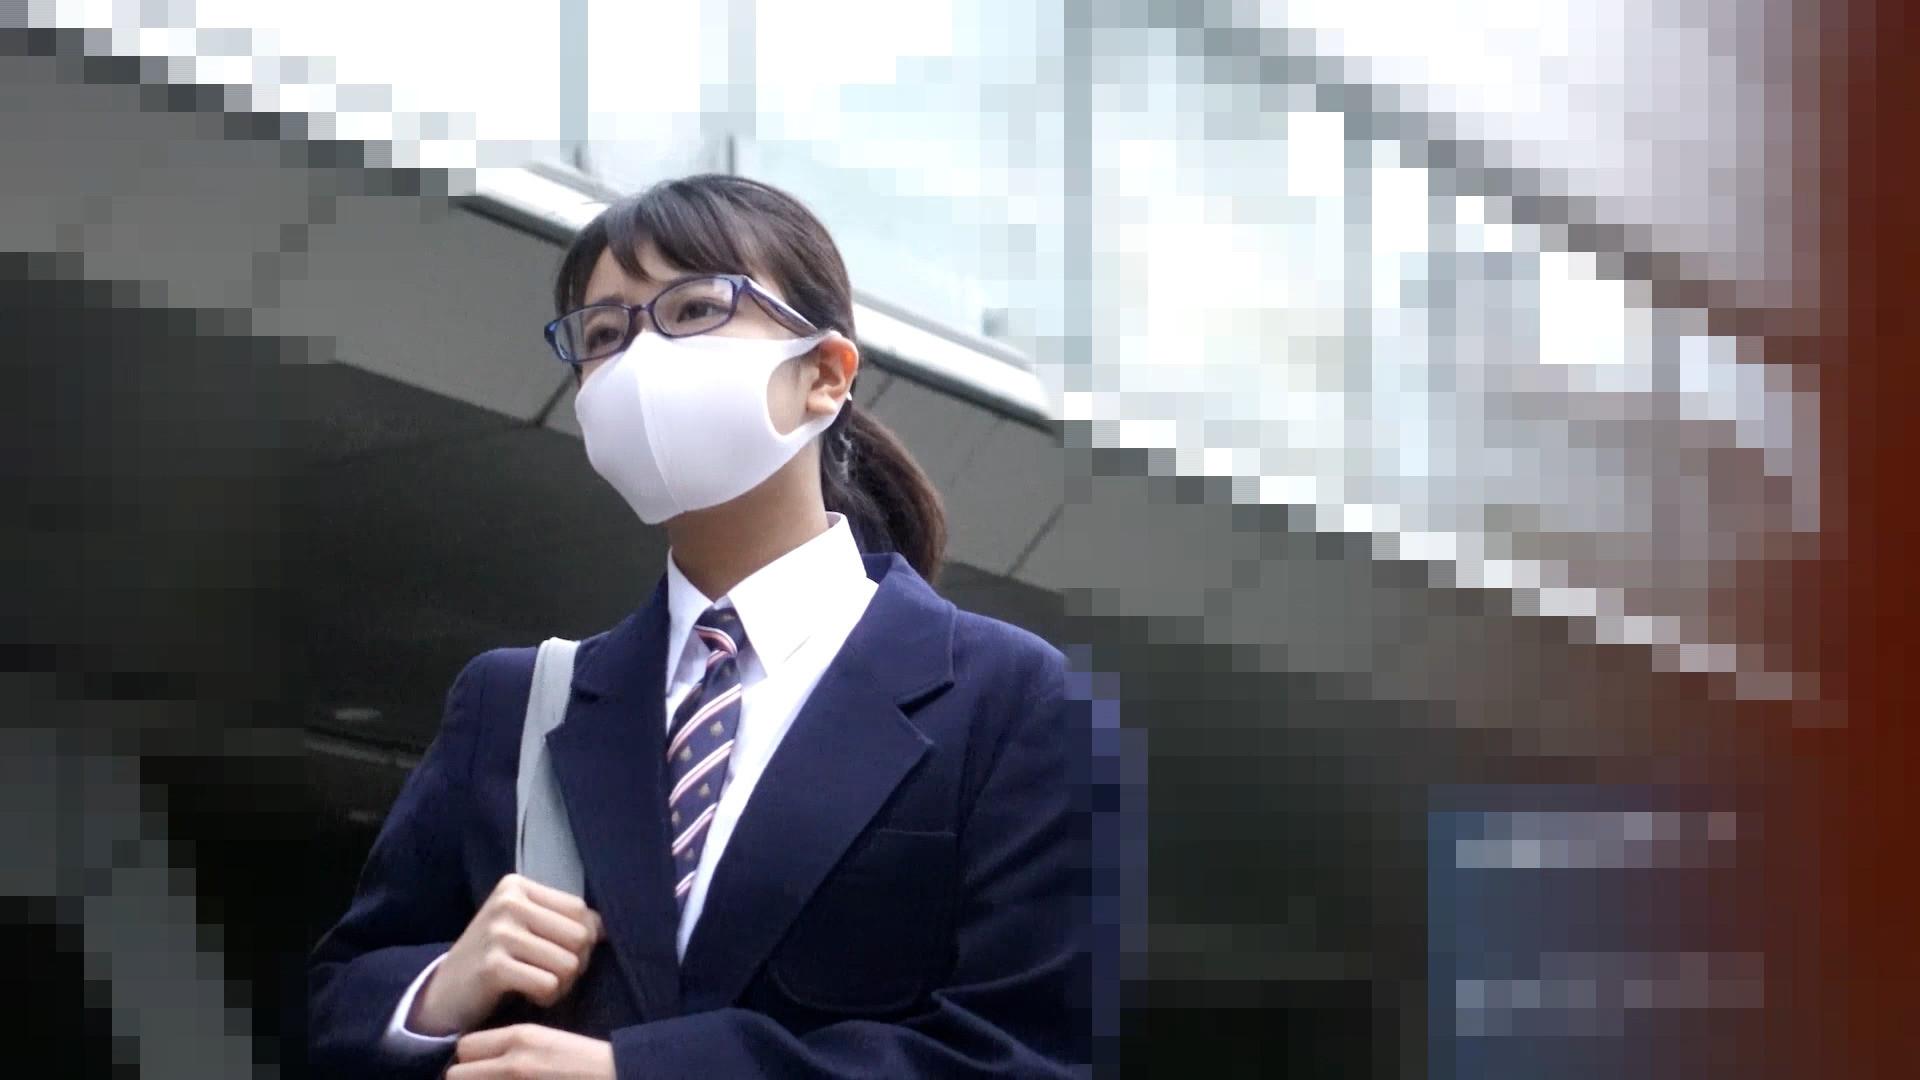 実録 電車痴漢映像 #026